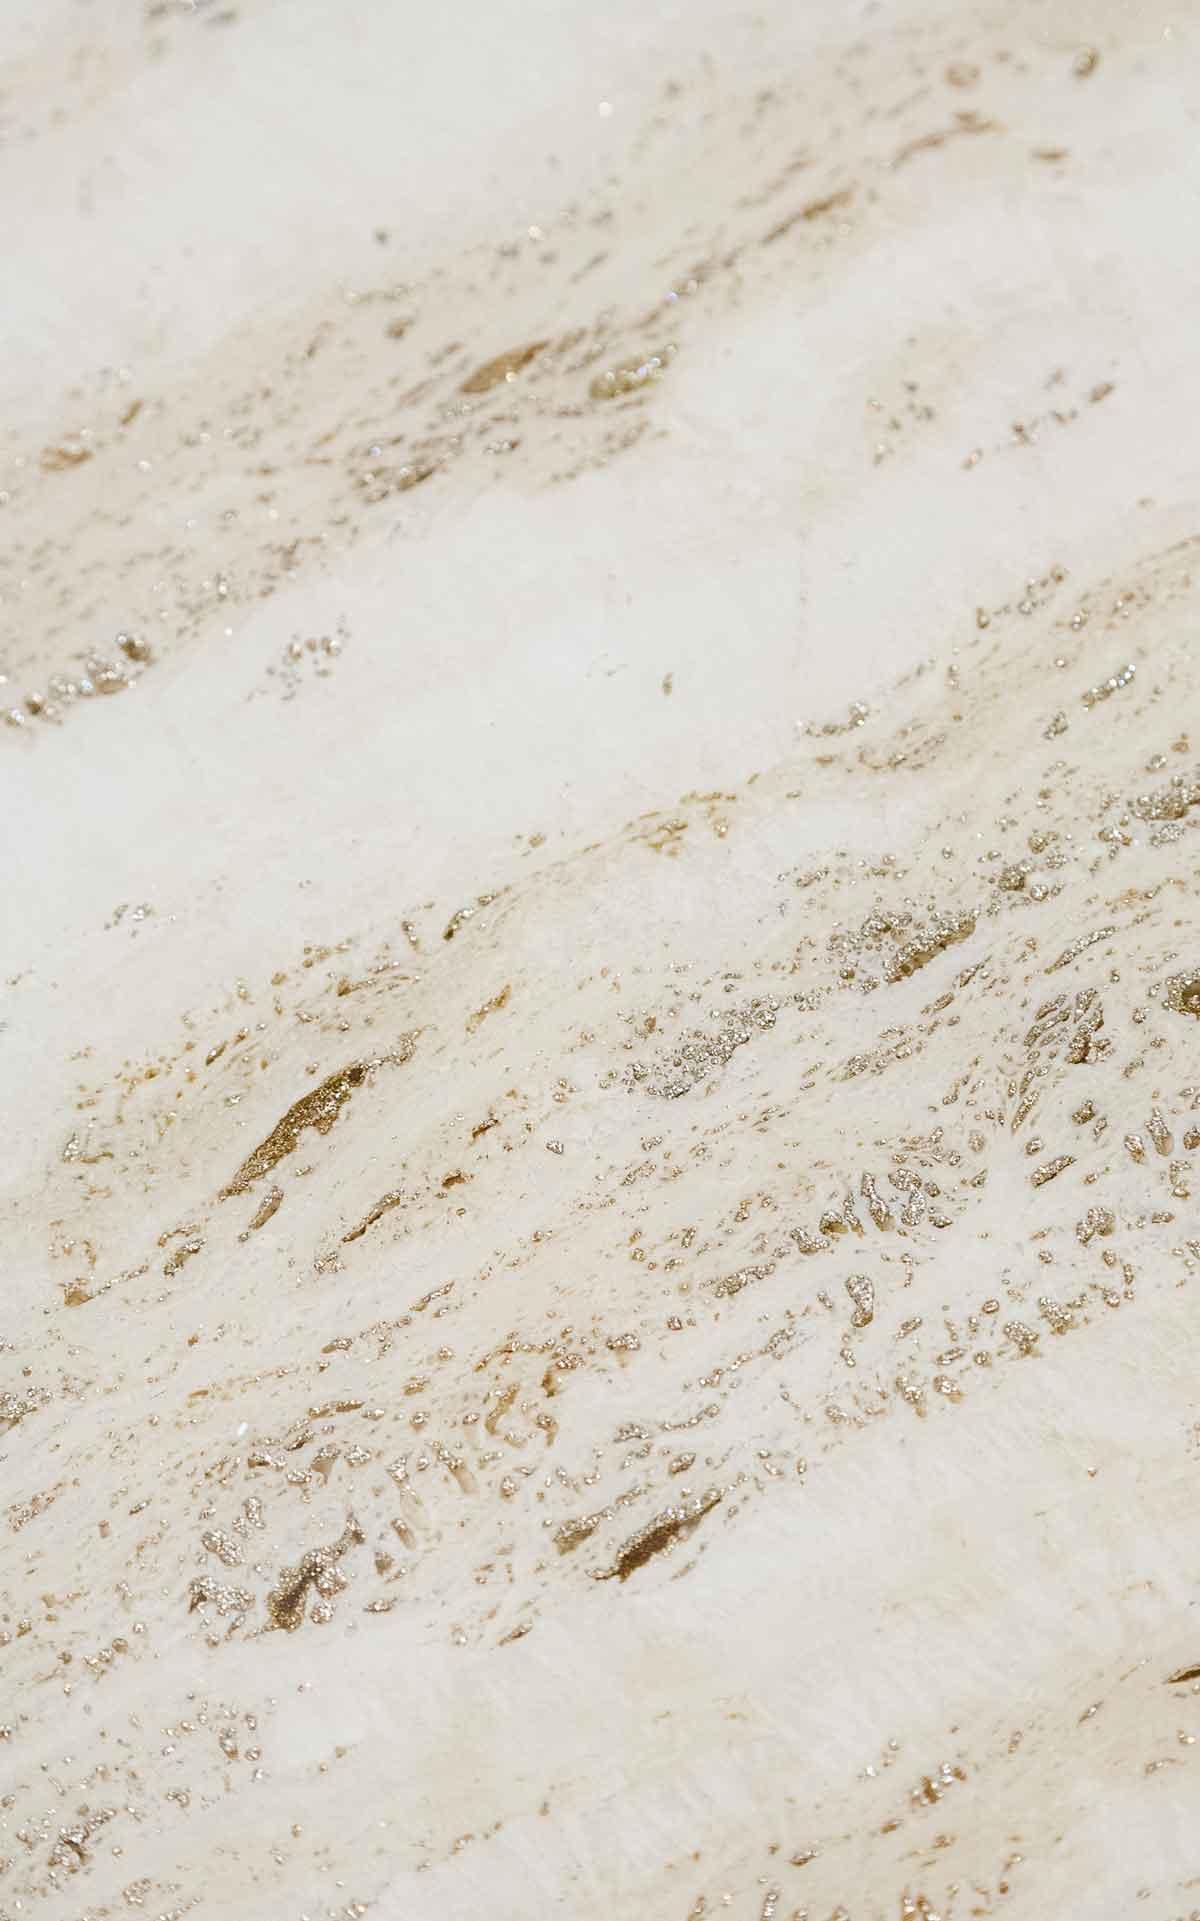 Pavimento In Marmo Bianco E Nero: Superfici milano pietre ricomposte e naturali.